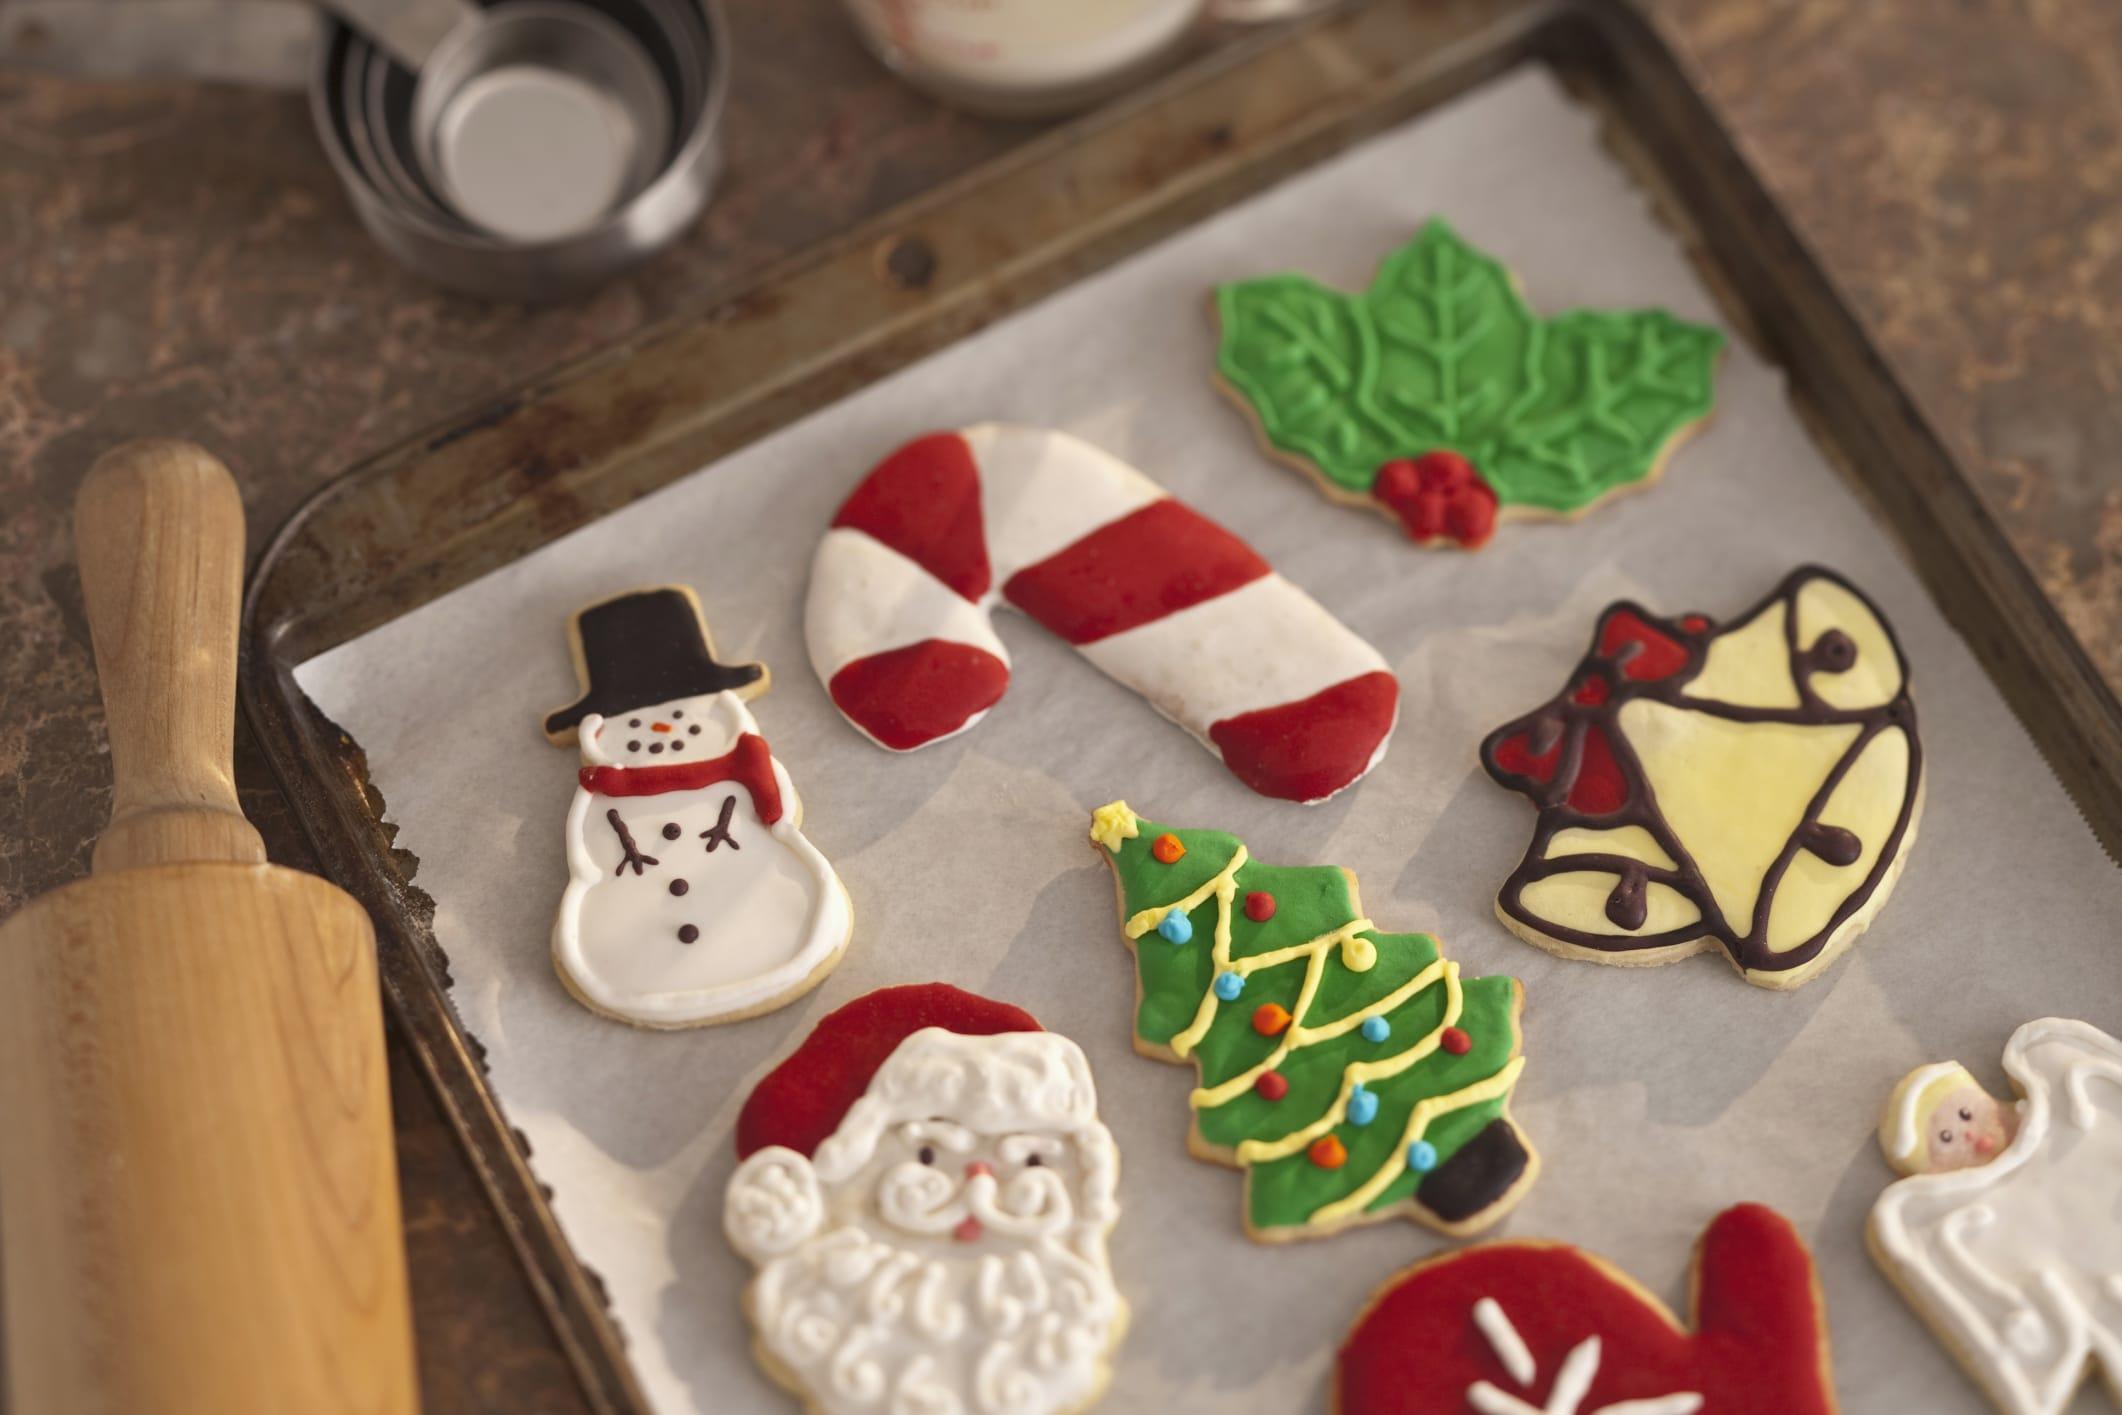 Ricetta biscotti natalizi con glassa: un\'idea gustosa per i regali ...